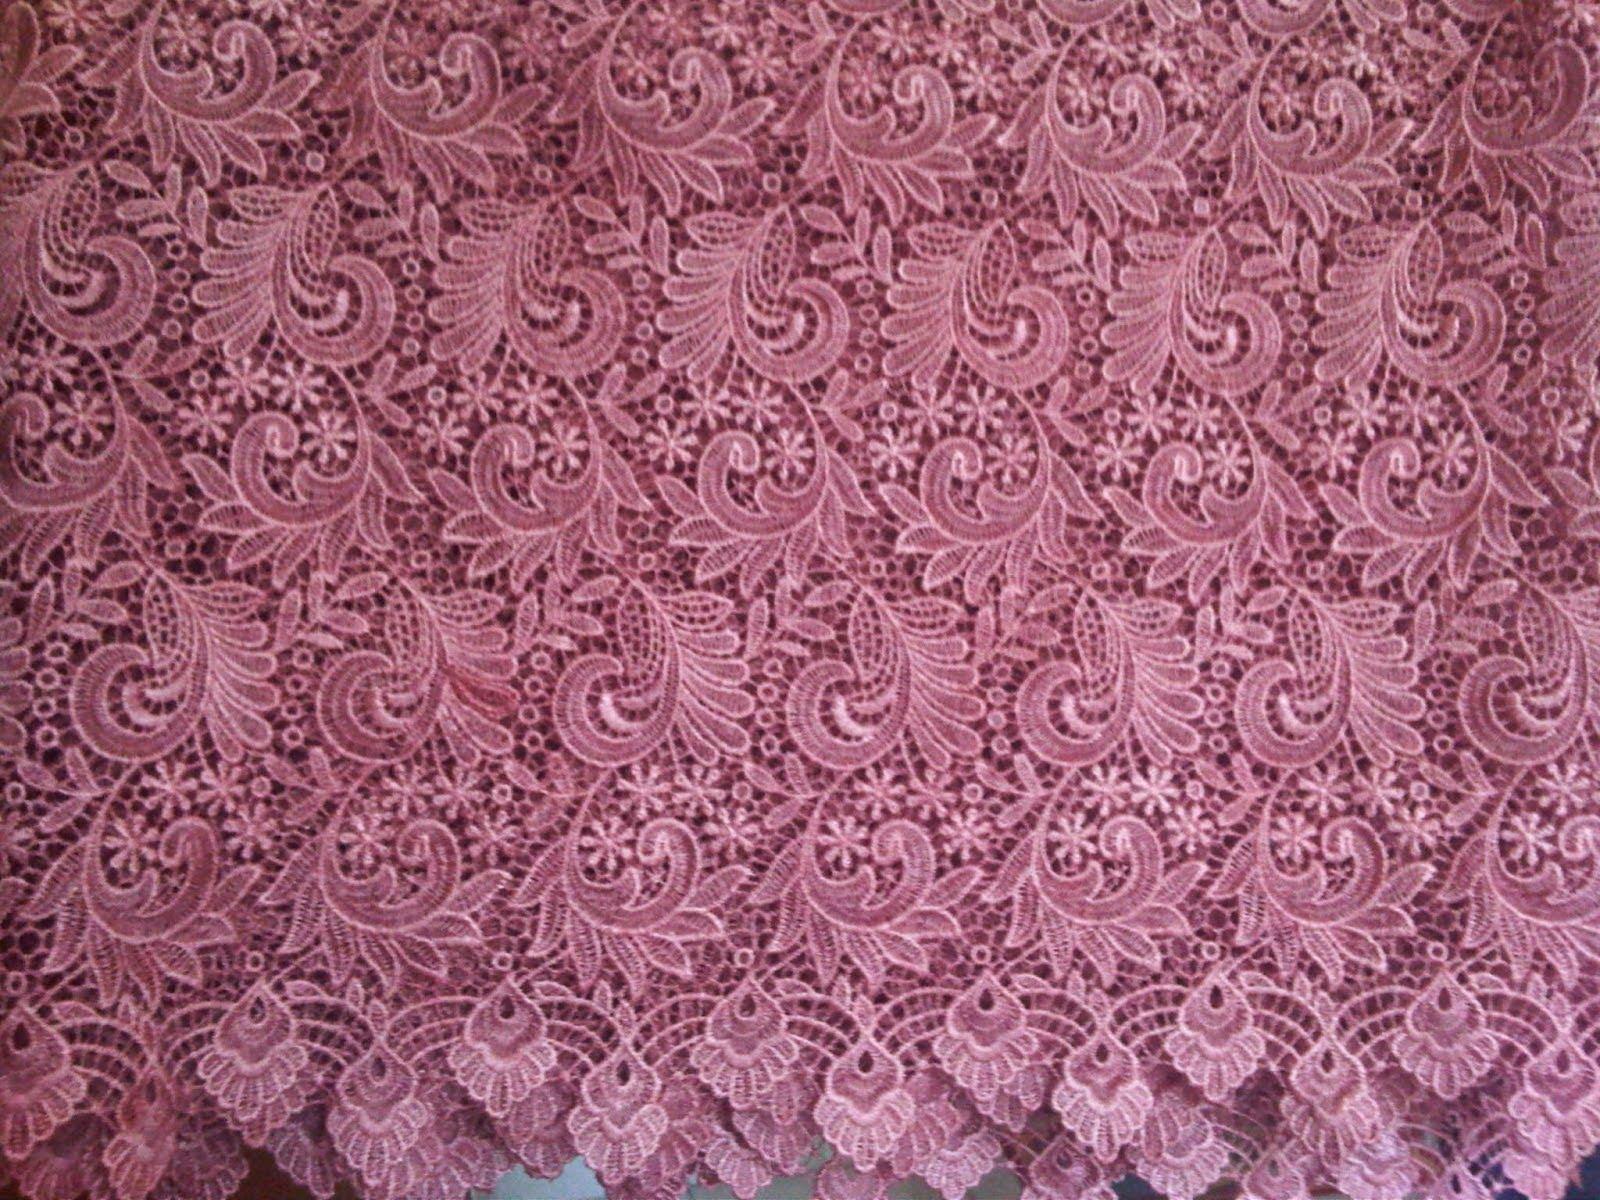 Macam-macam kain brokat untuk kebaya  f165ed15cc